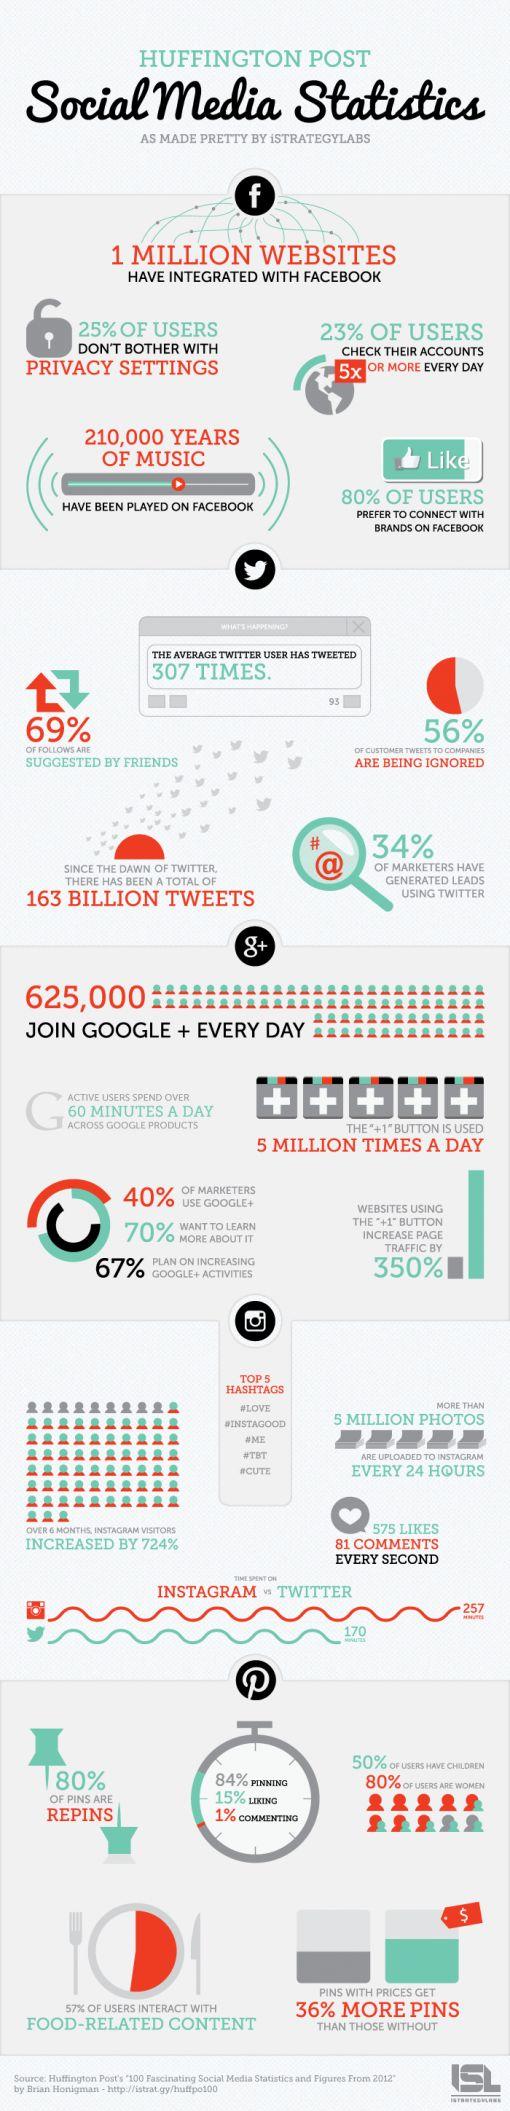 social-media-stats-2012 (2)